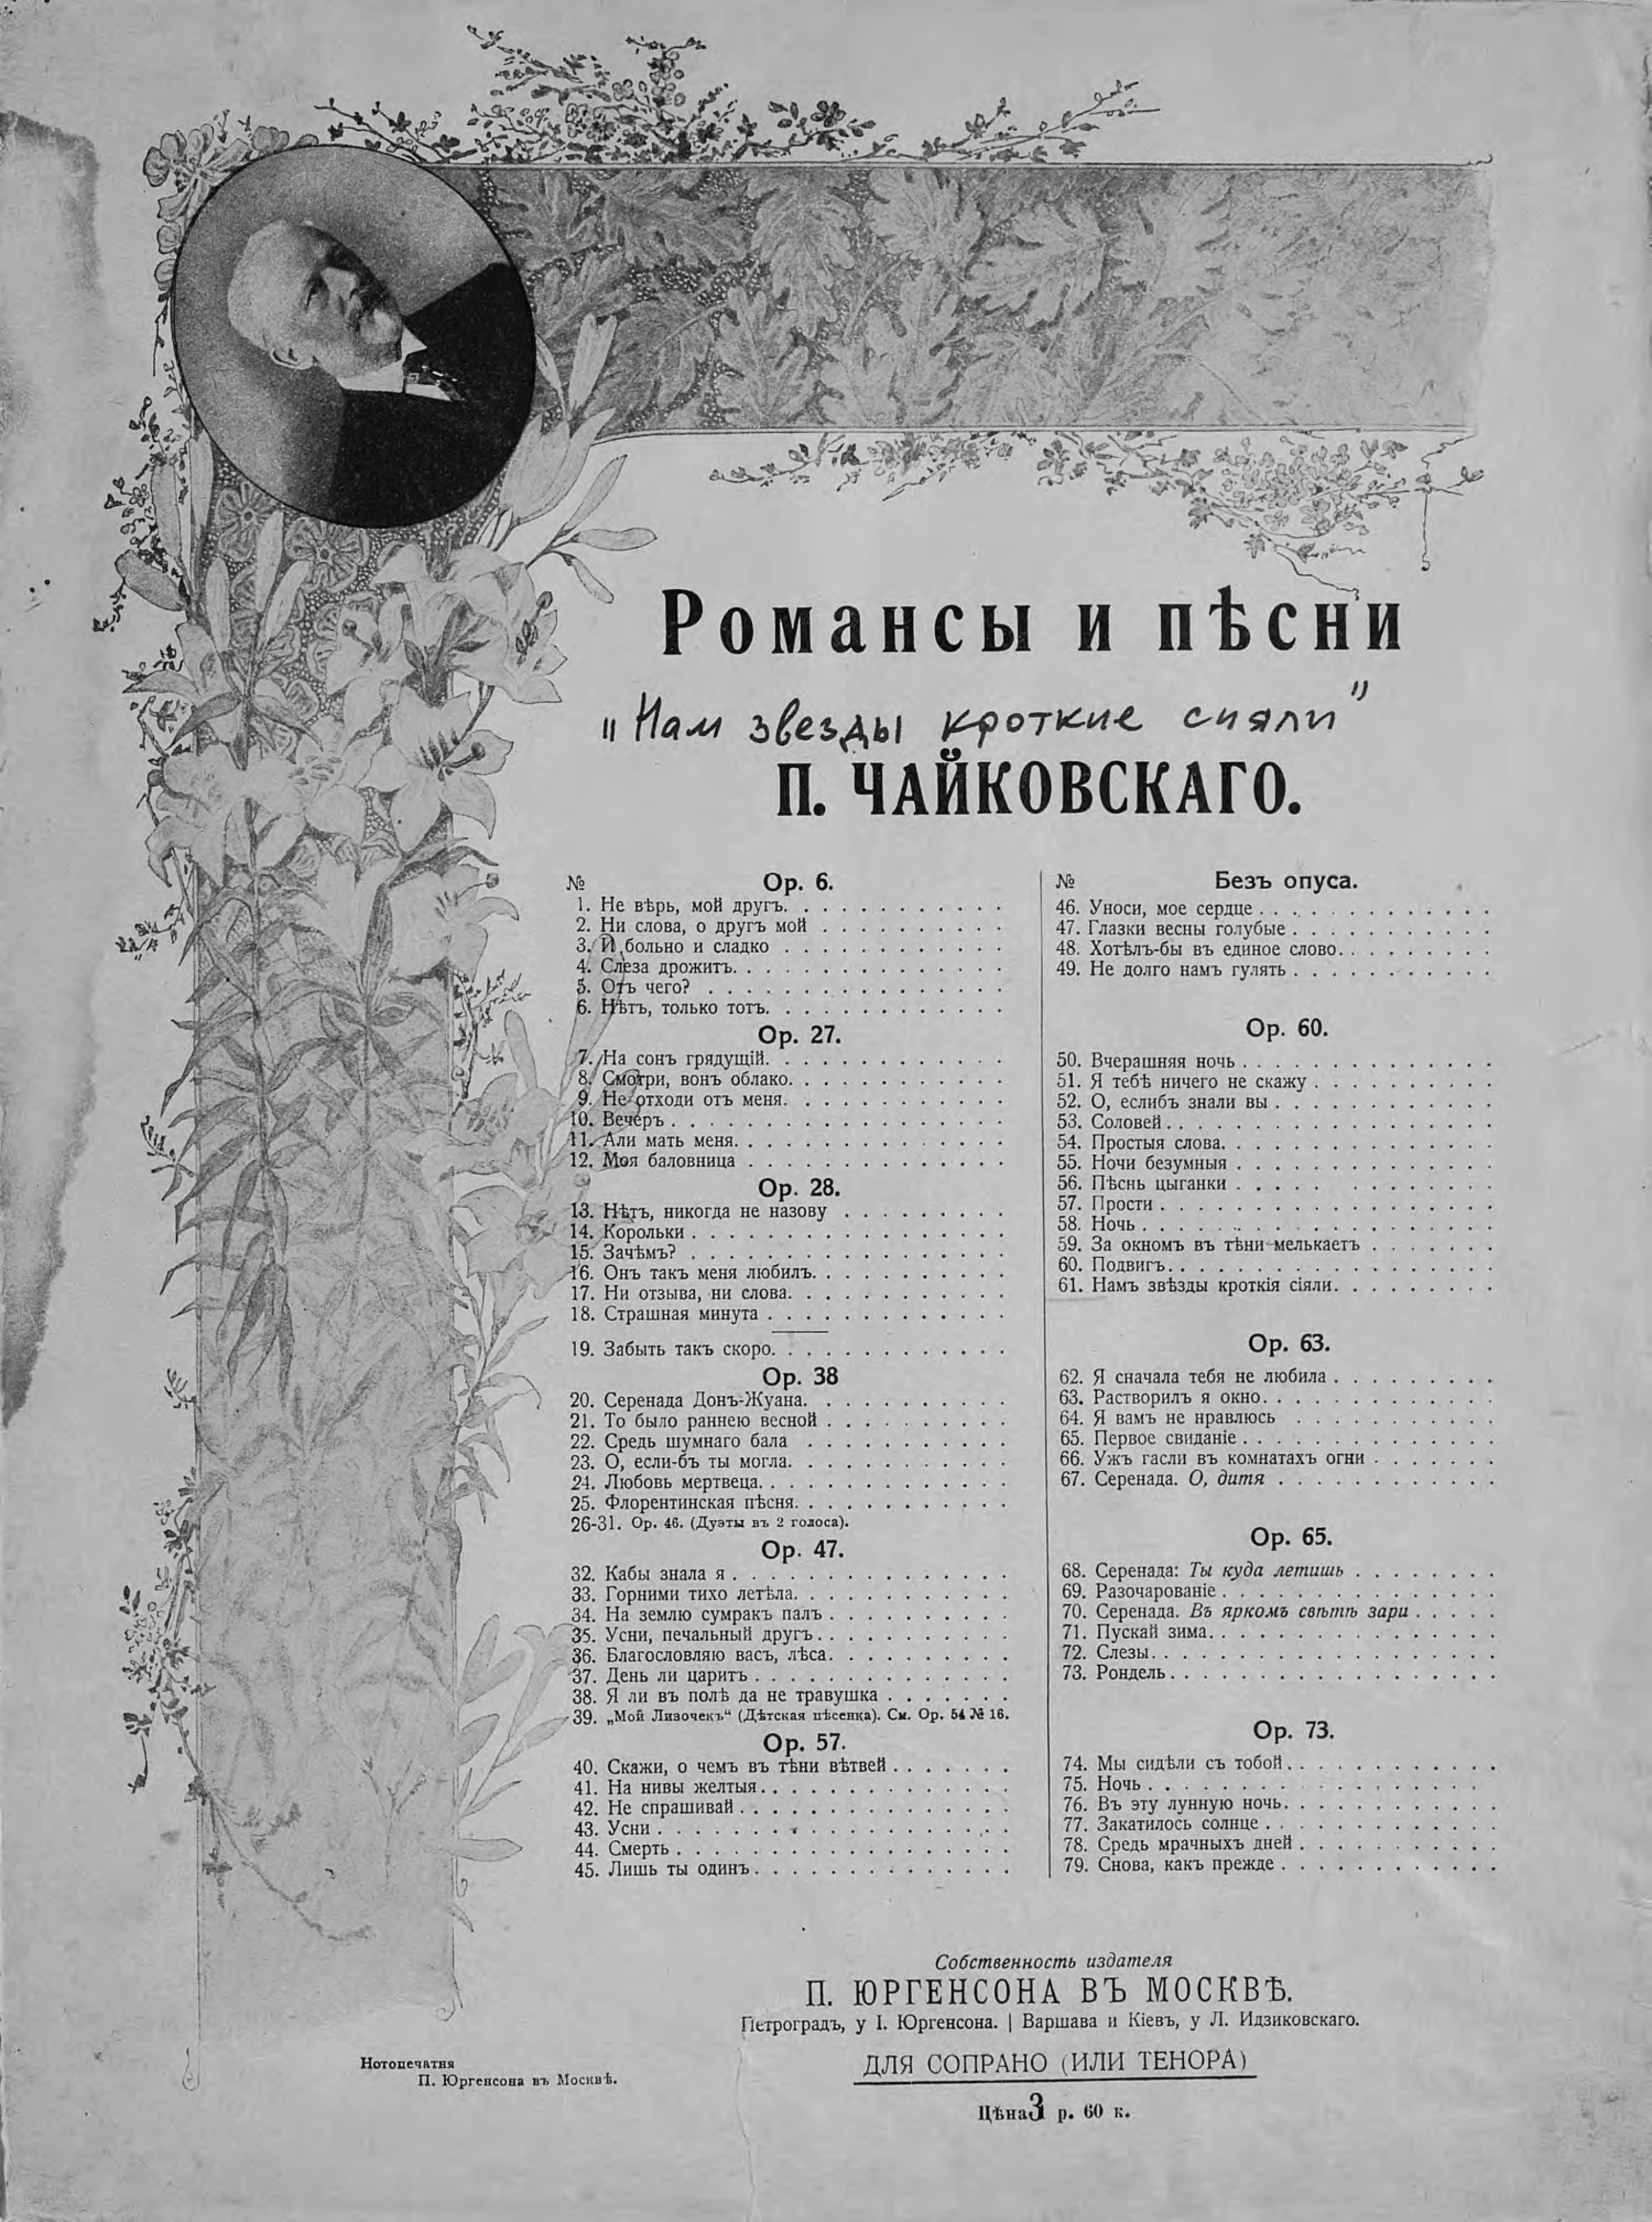 Петр Ильич Чайковский Нам звезды кроткие сияли